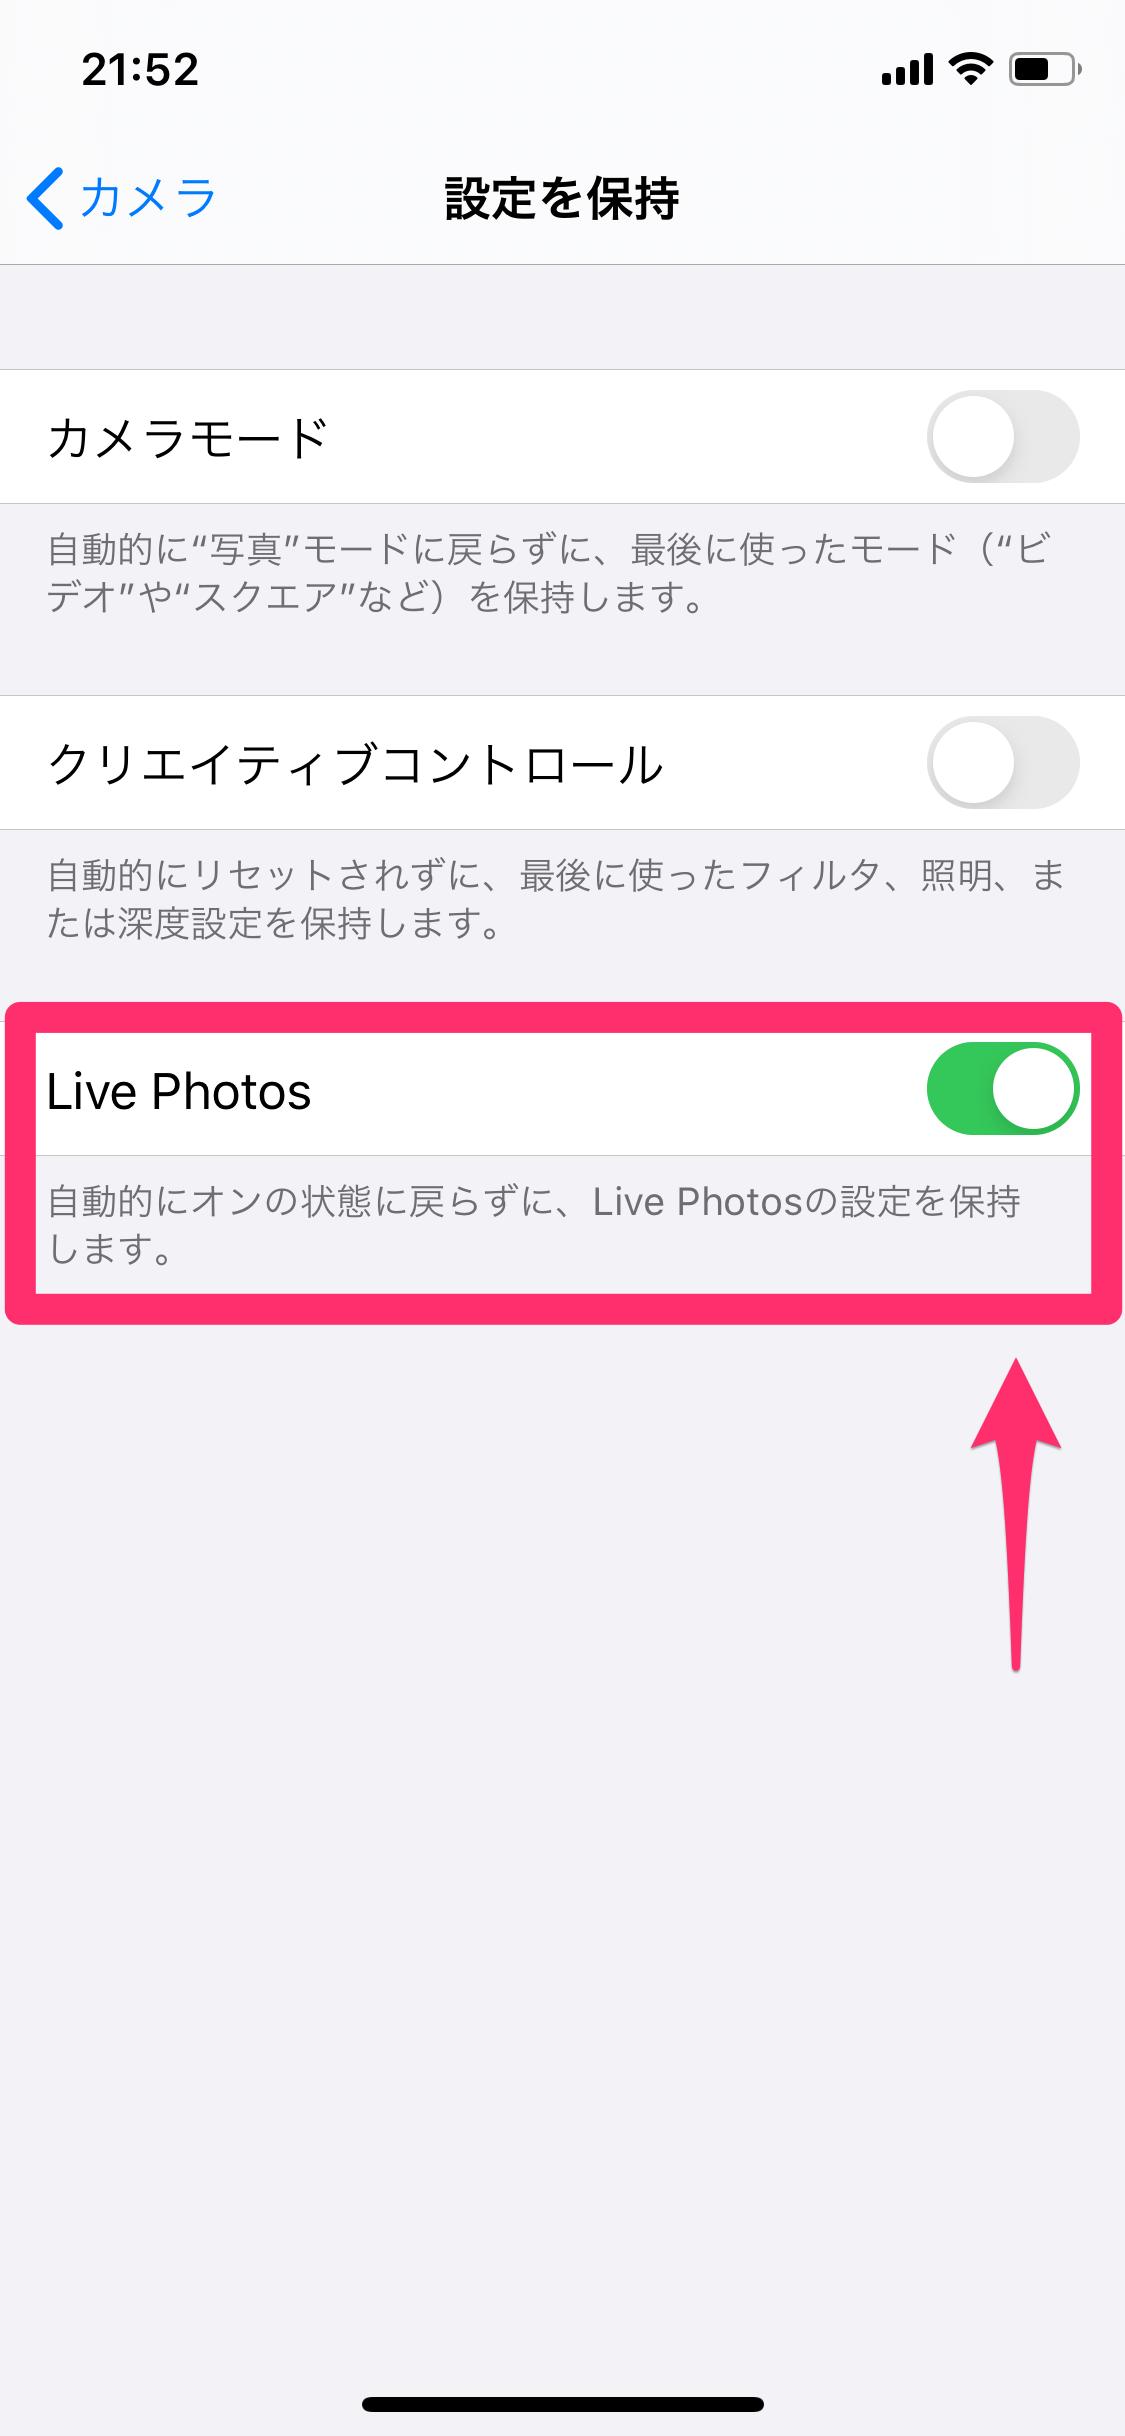 iPhoneの写真が動画ファイルになるのはなぜ?「Live Photos」をオフにすれば解決